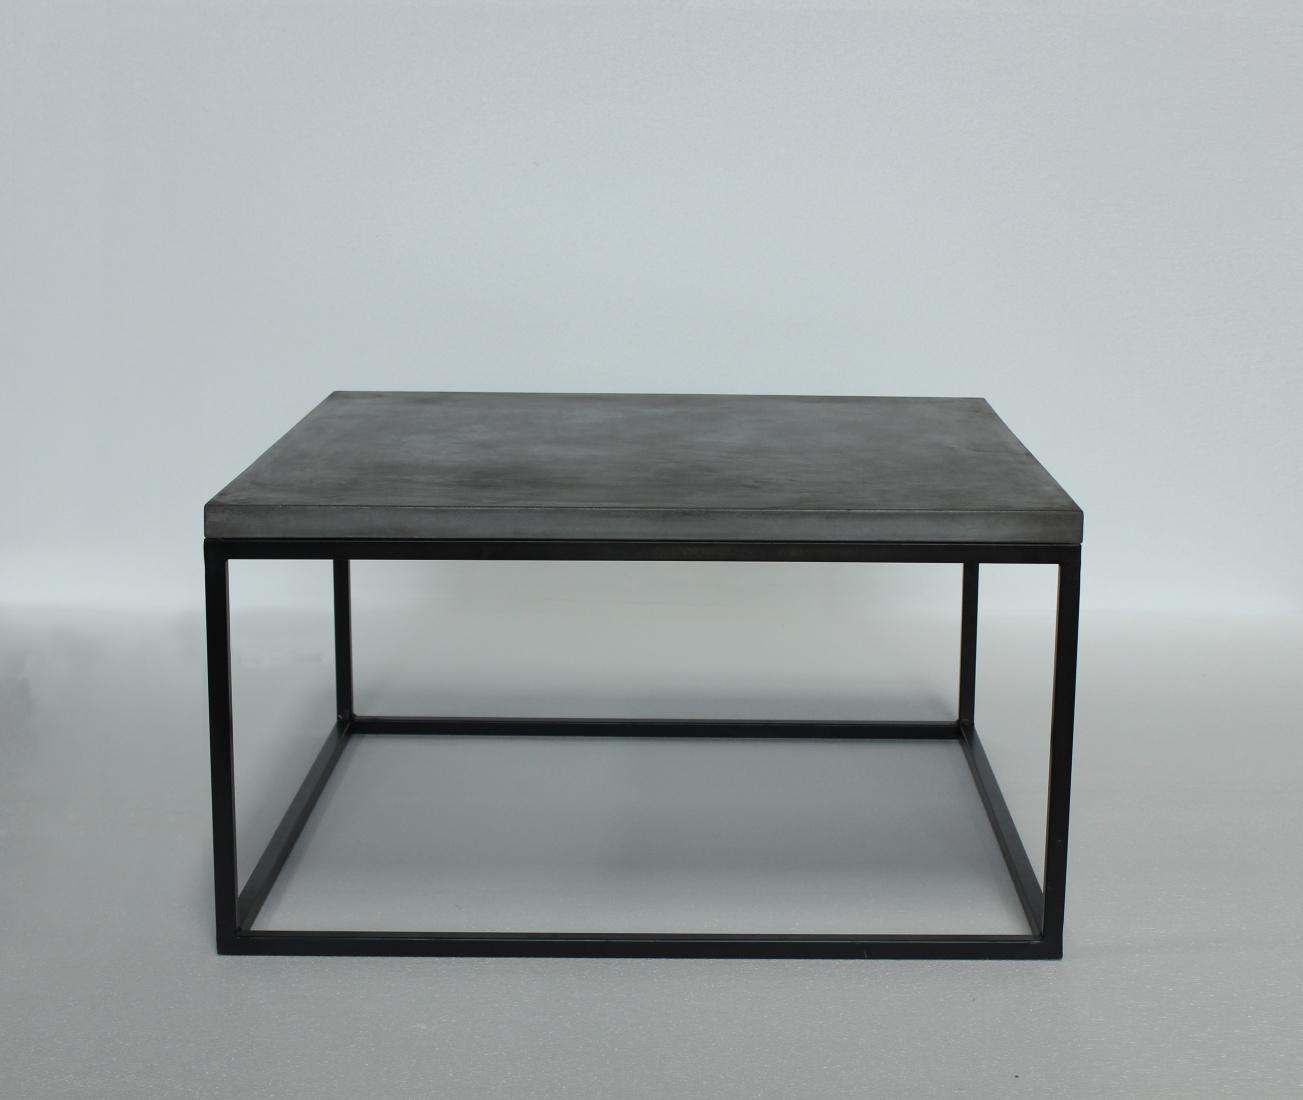 Beton wohnzimmertisch  Couchtisch Camant 80x80 aus Beton mit Schwarz - Kaufen bei Möbel-Lux